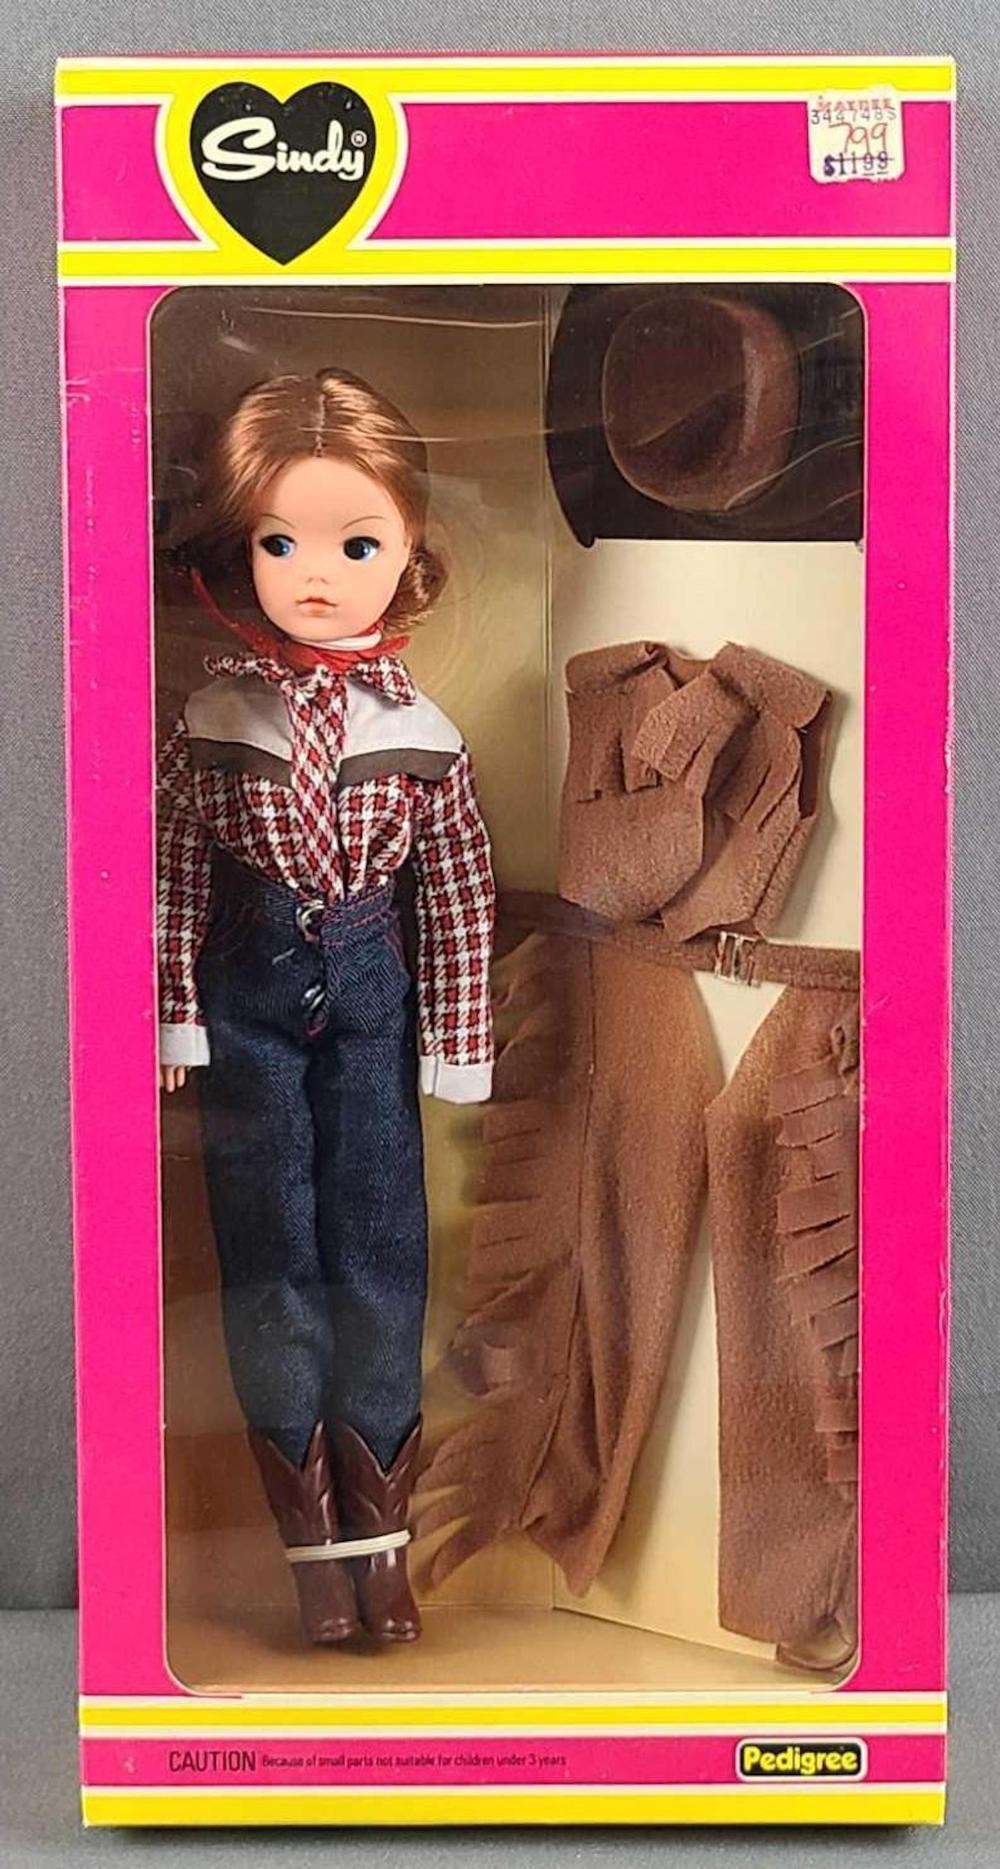 Sindy Western World doll